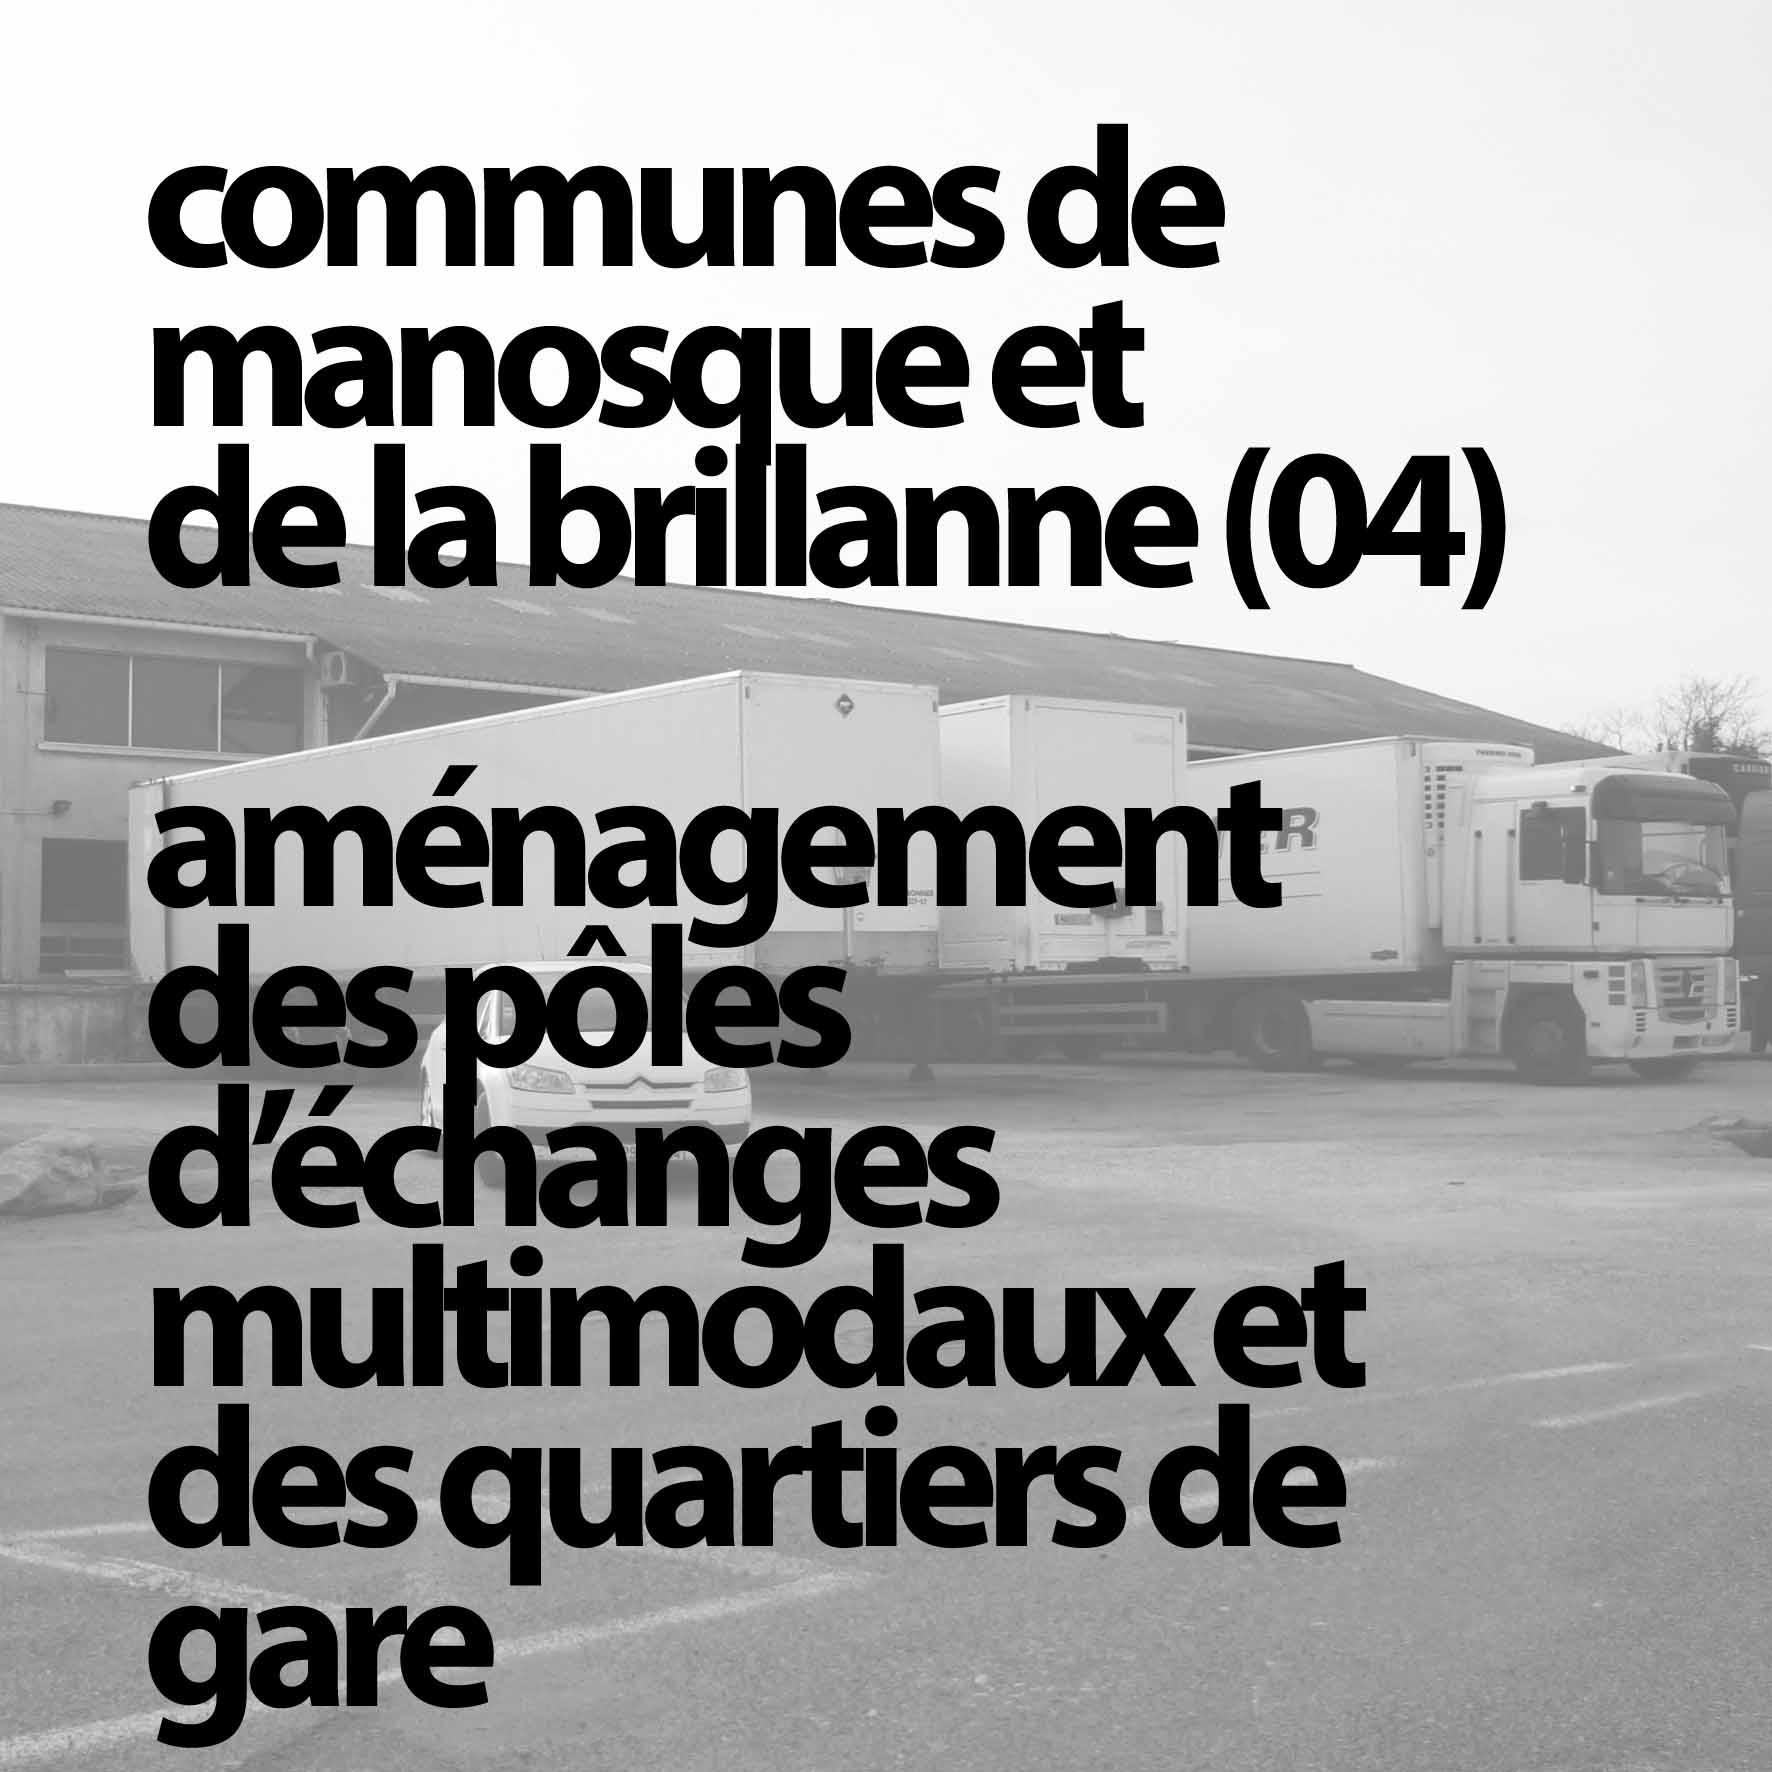 MANOSQUE - 1